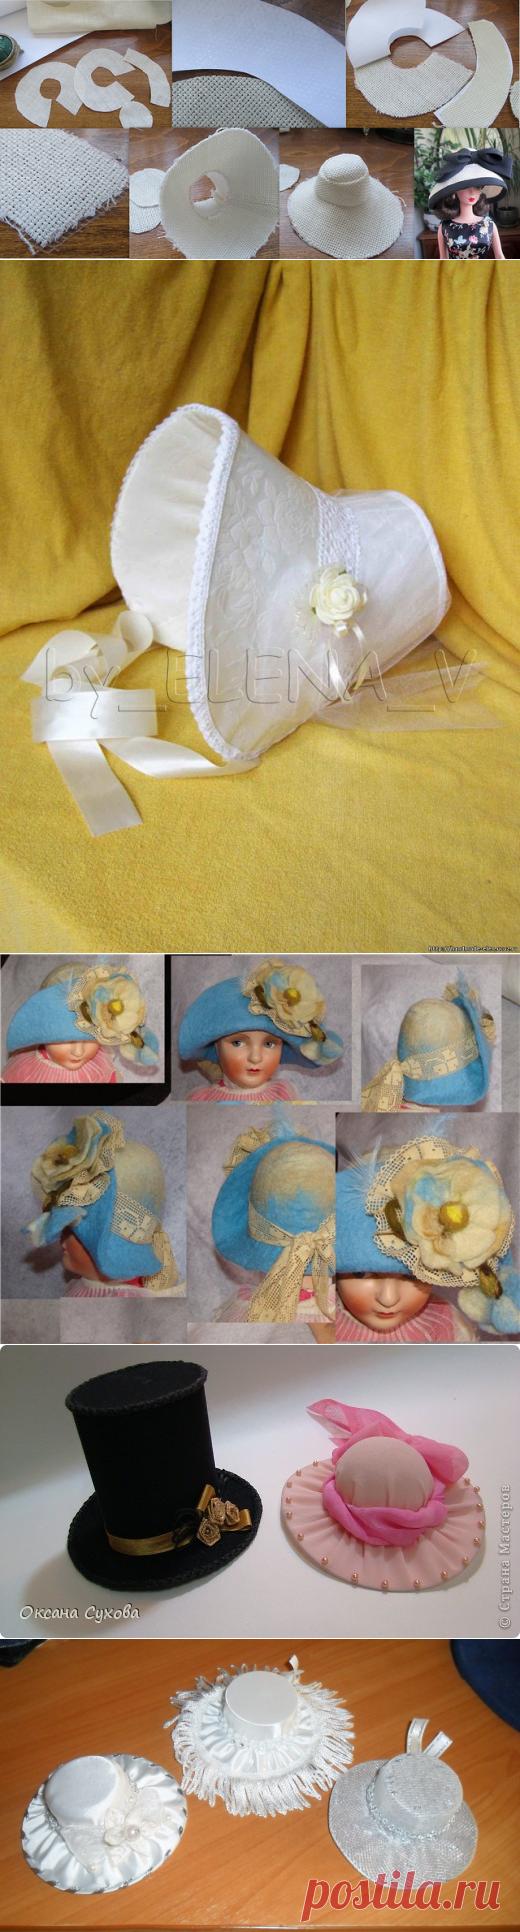 Из чего сшить шляпку кукле